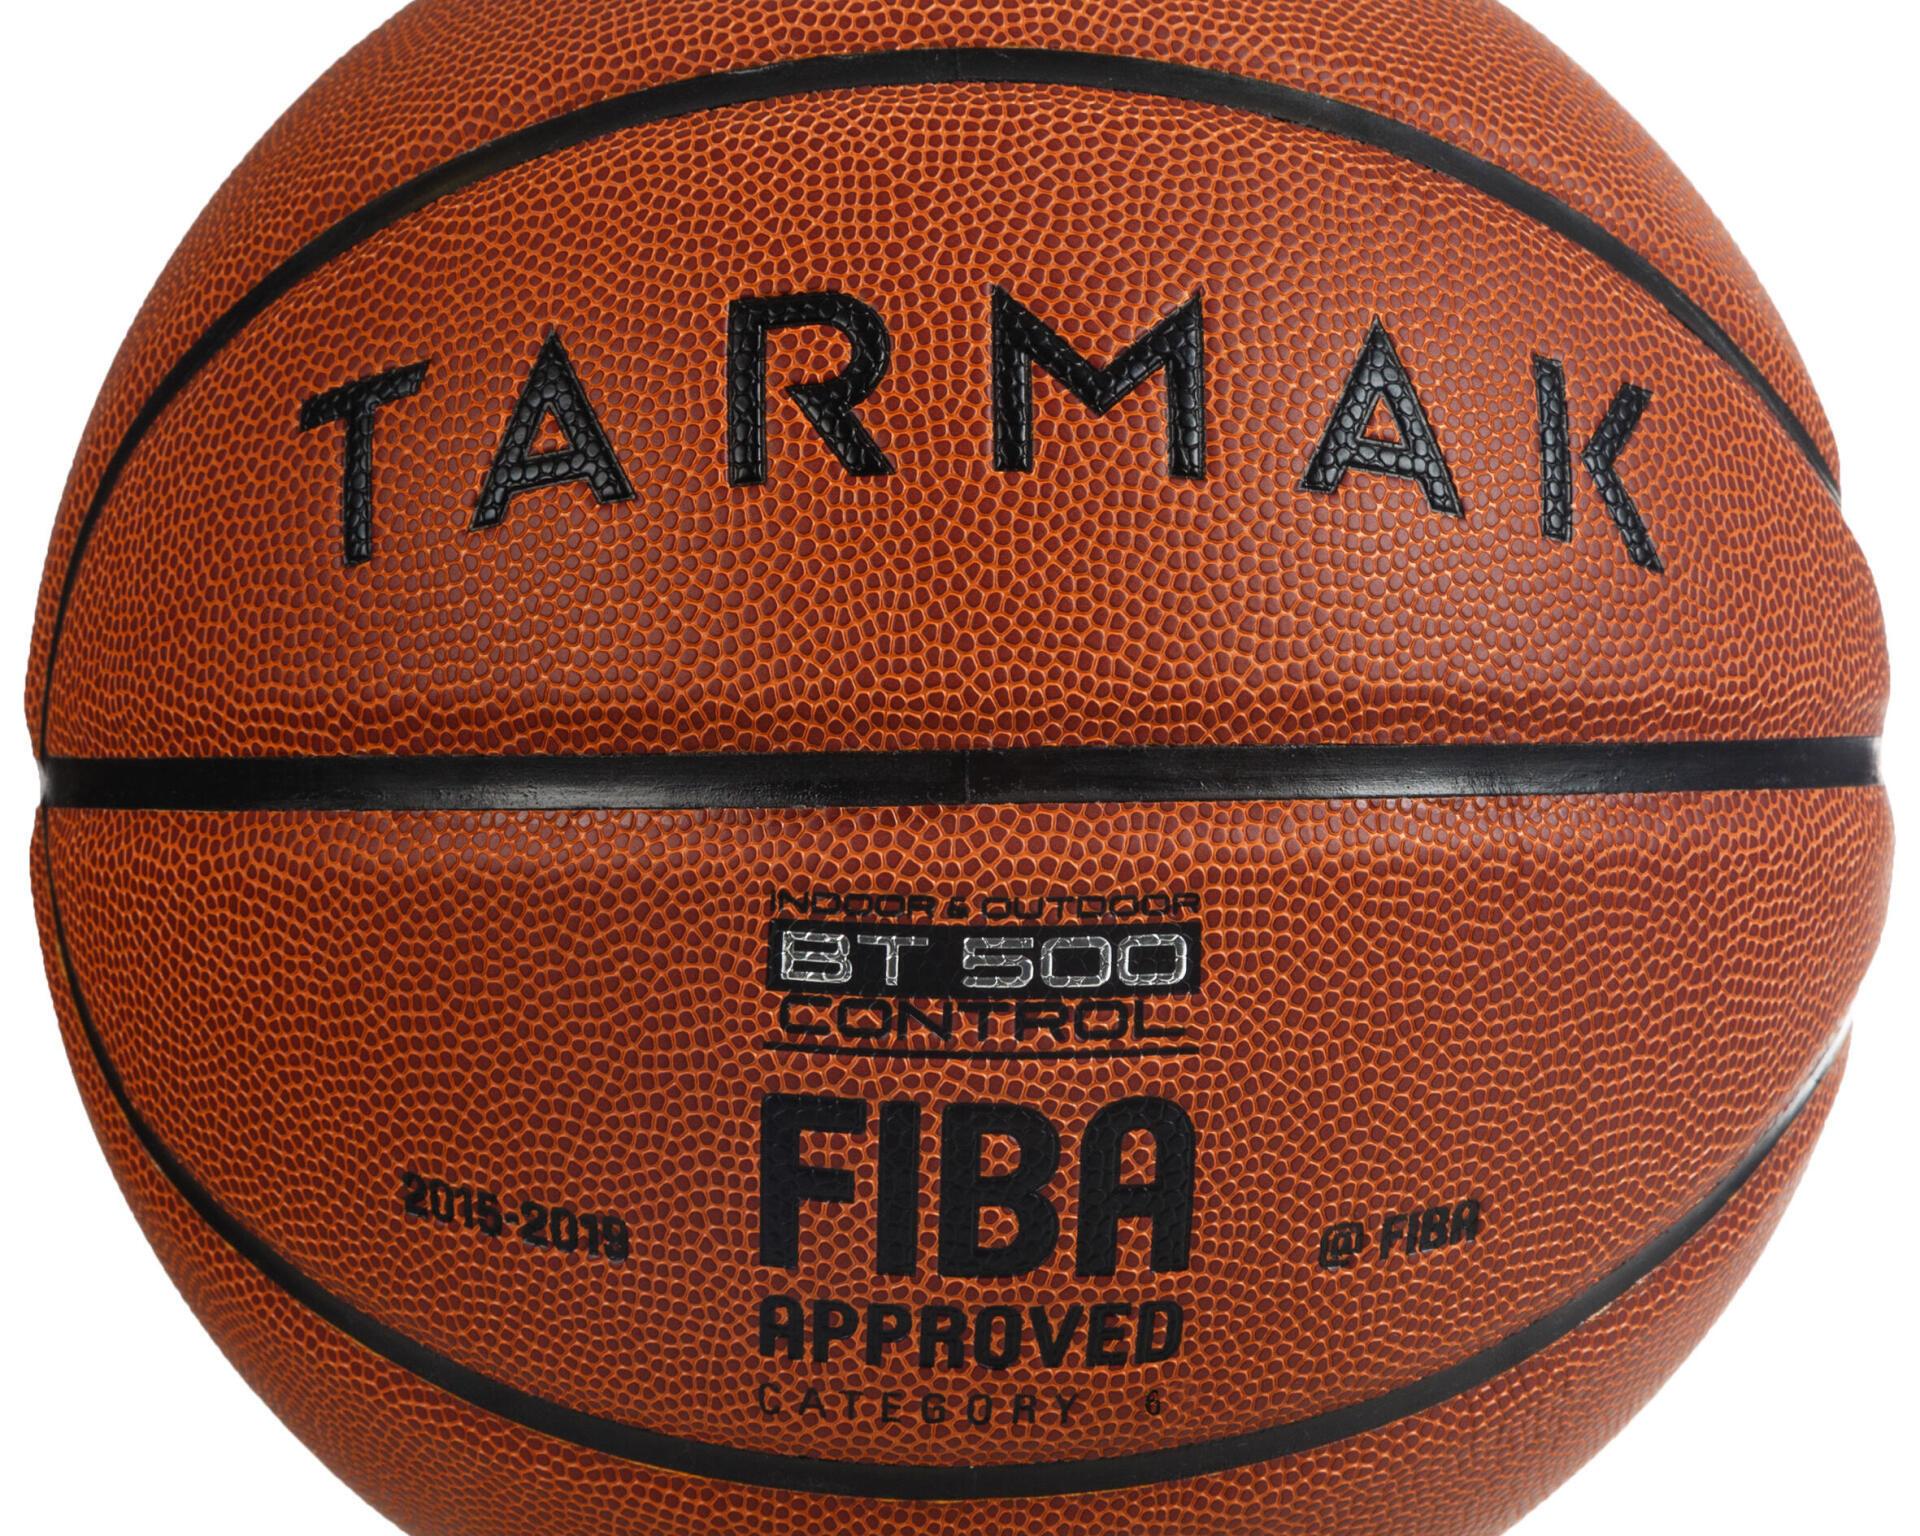 籃球尺寸 6 號球